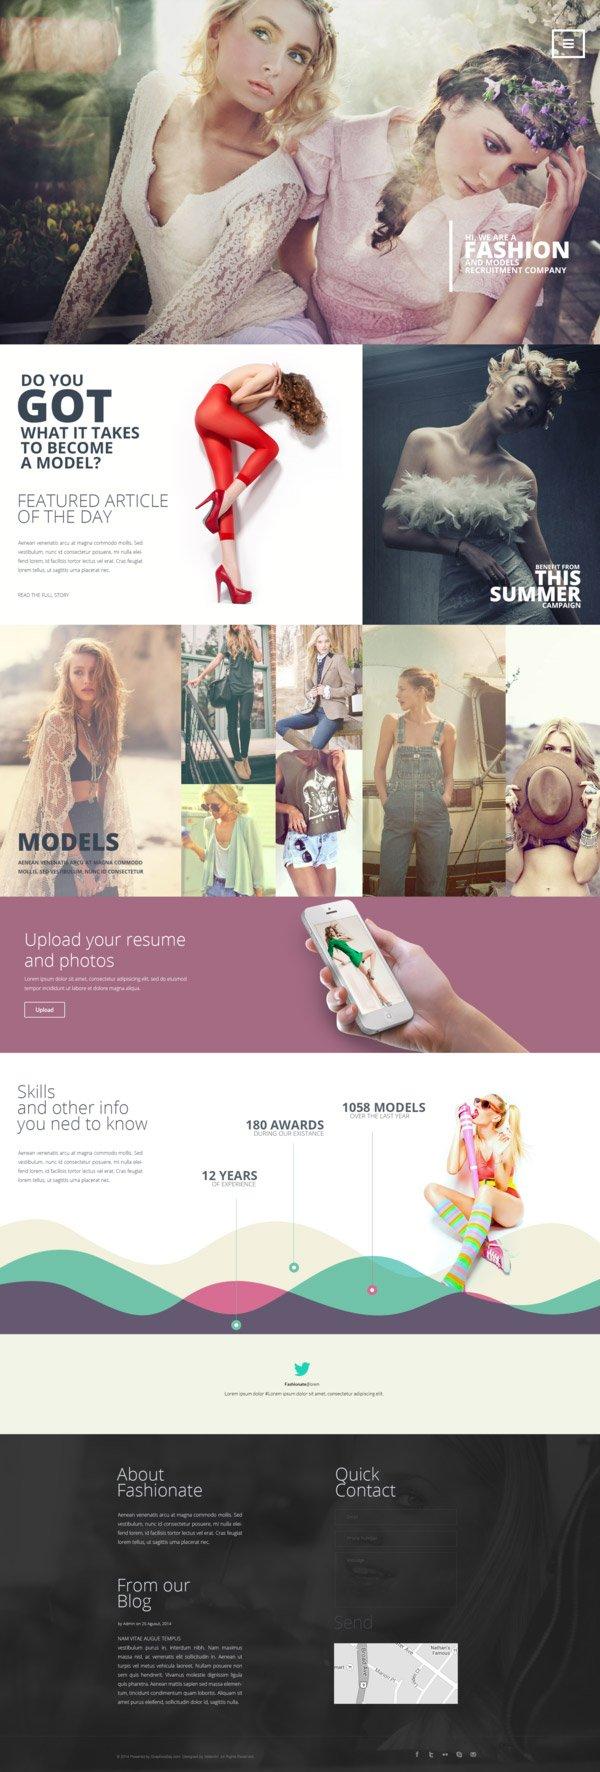 Fashion шаблон сайта (.Psd) скачать бесплатно